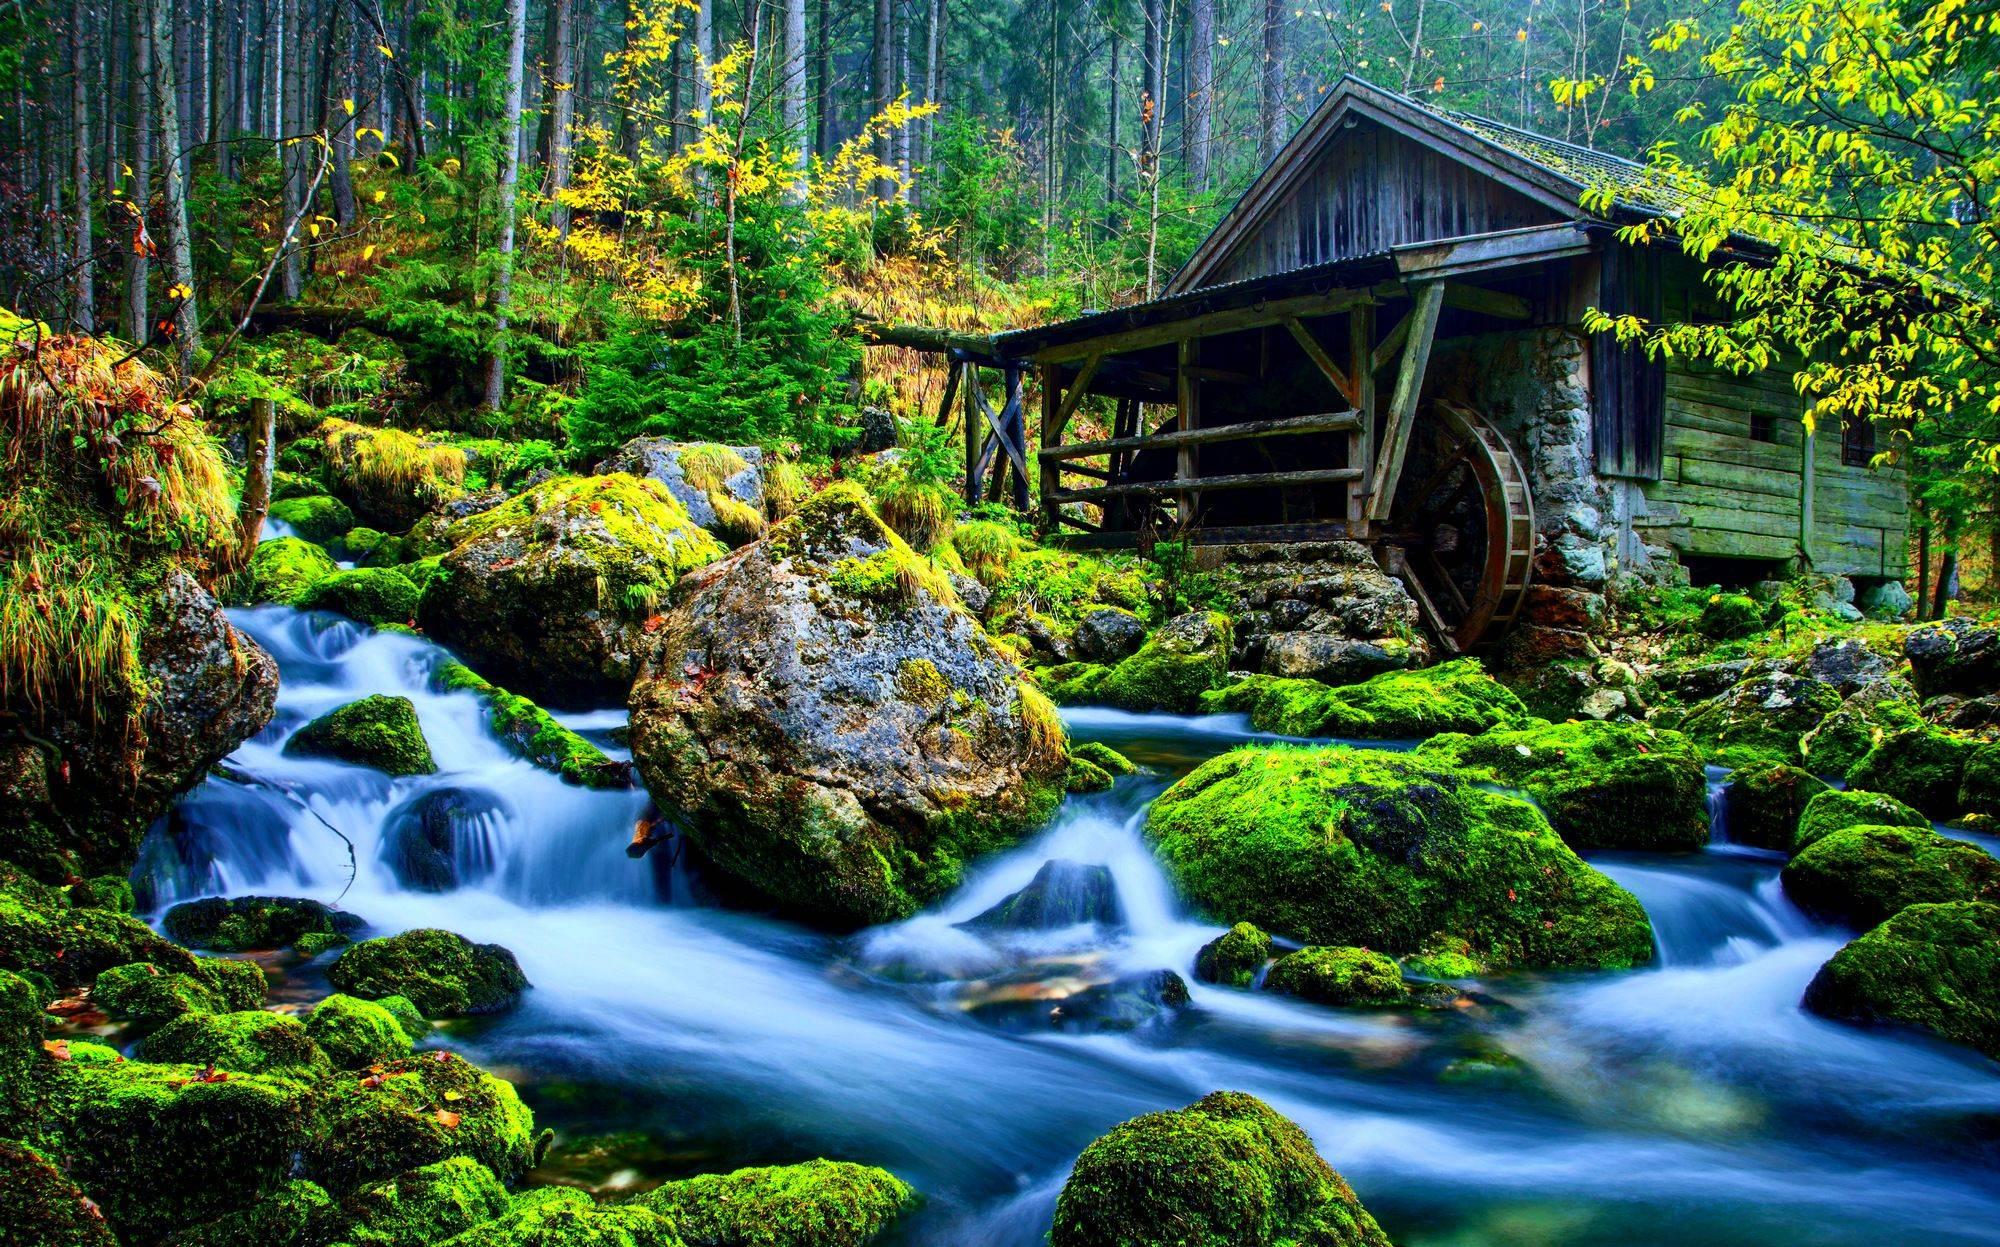 Hd wallpaper nature 3d - Funmozar 3d Water Wallpaper